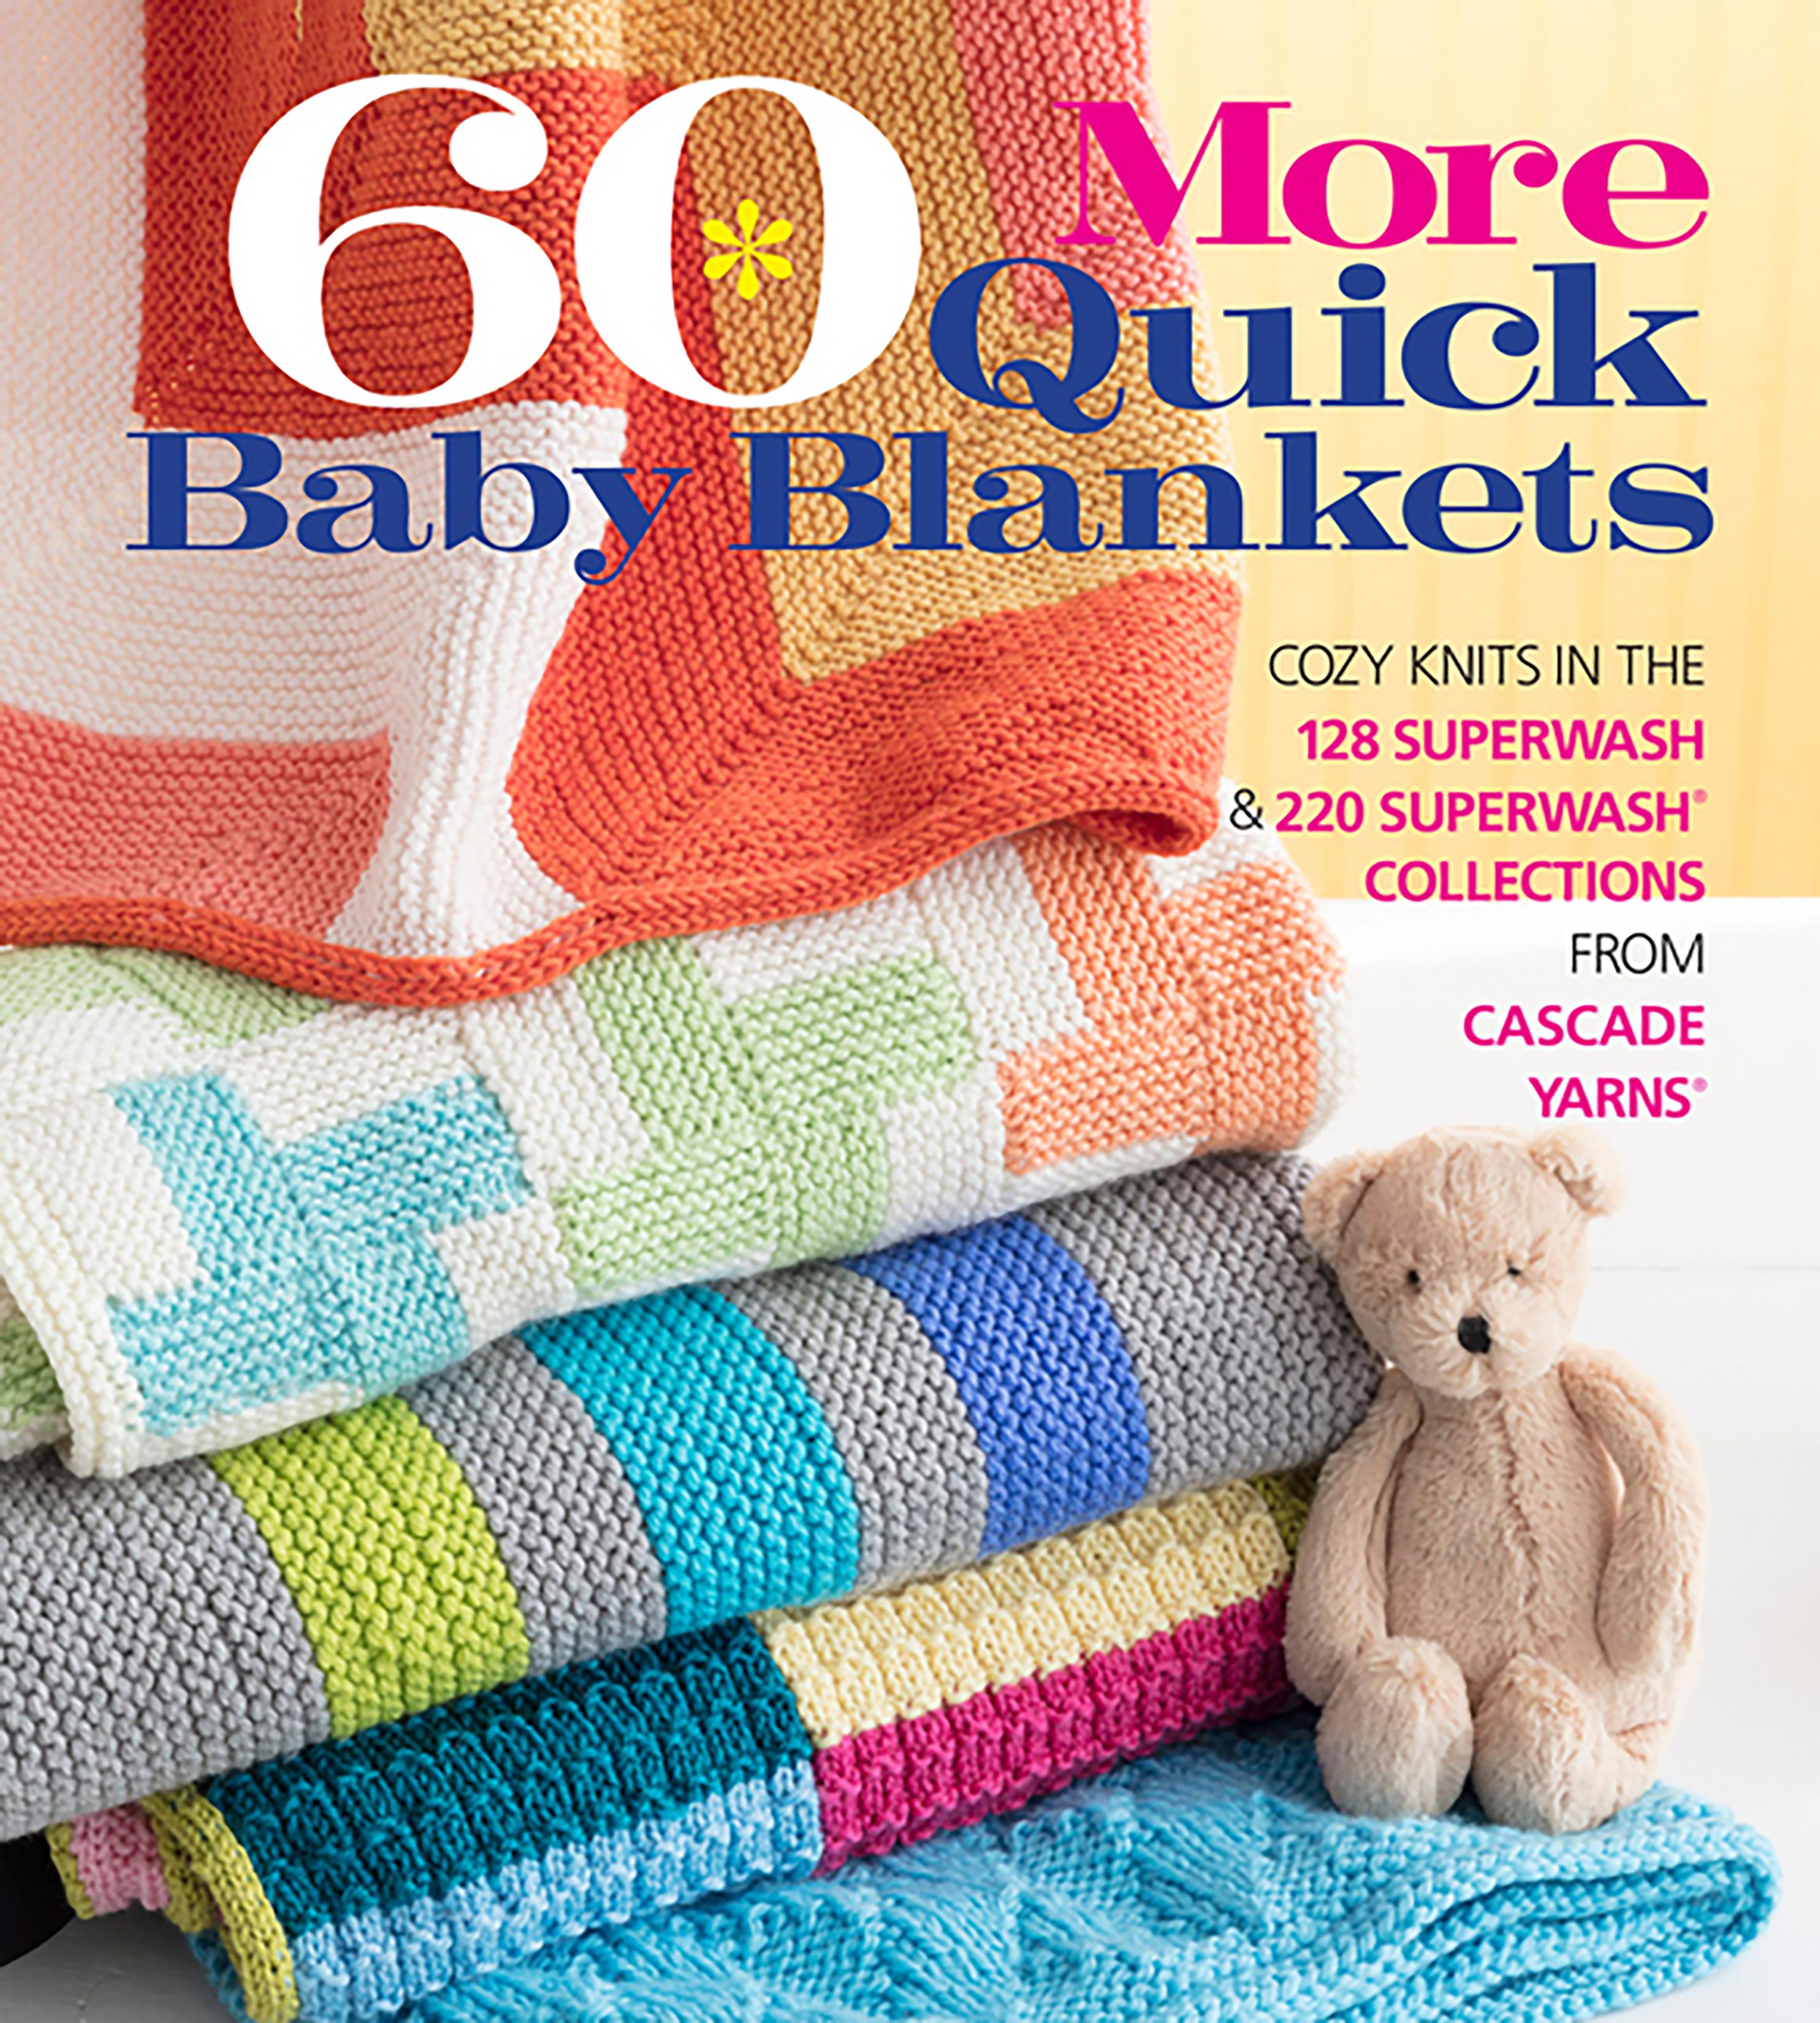 60 Quick Baby Blankets 220 Superwash  book